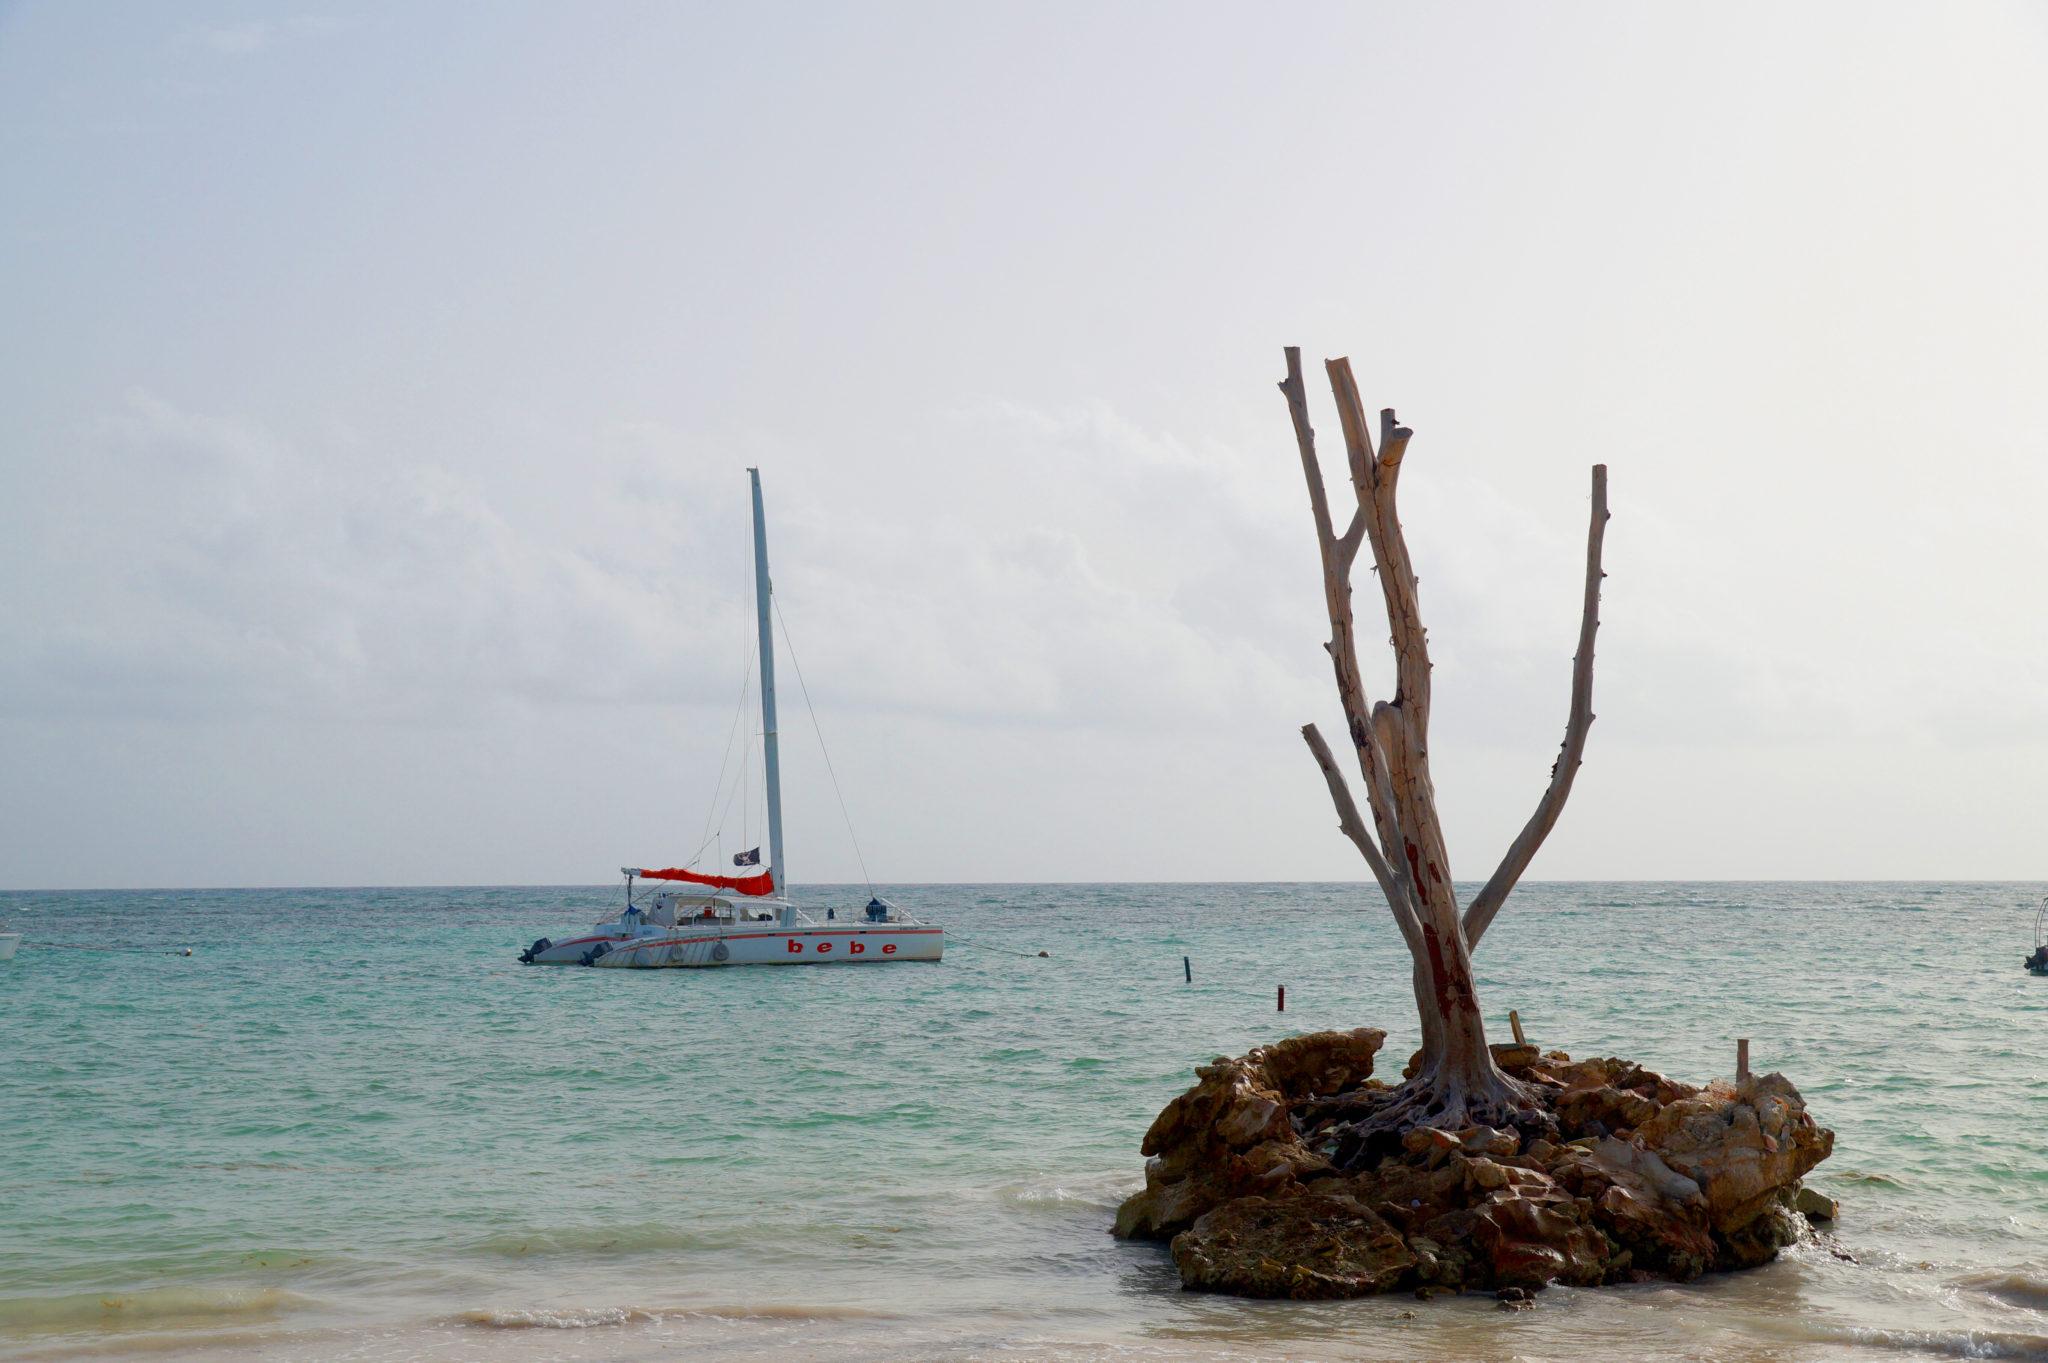 Hemaposesesvalises_bavaro_republique_dominicaine_plage_blog_voyage4